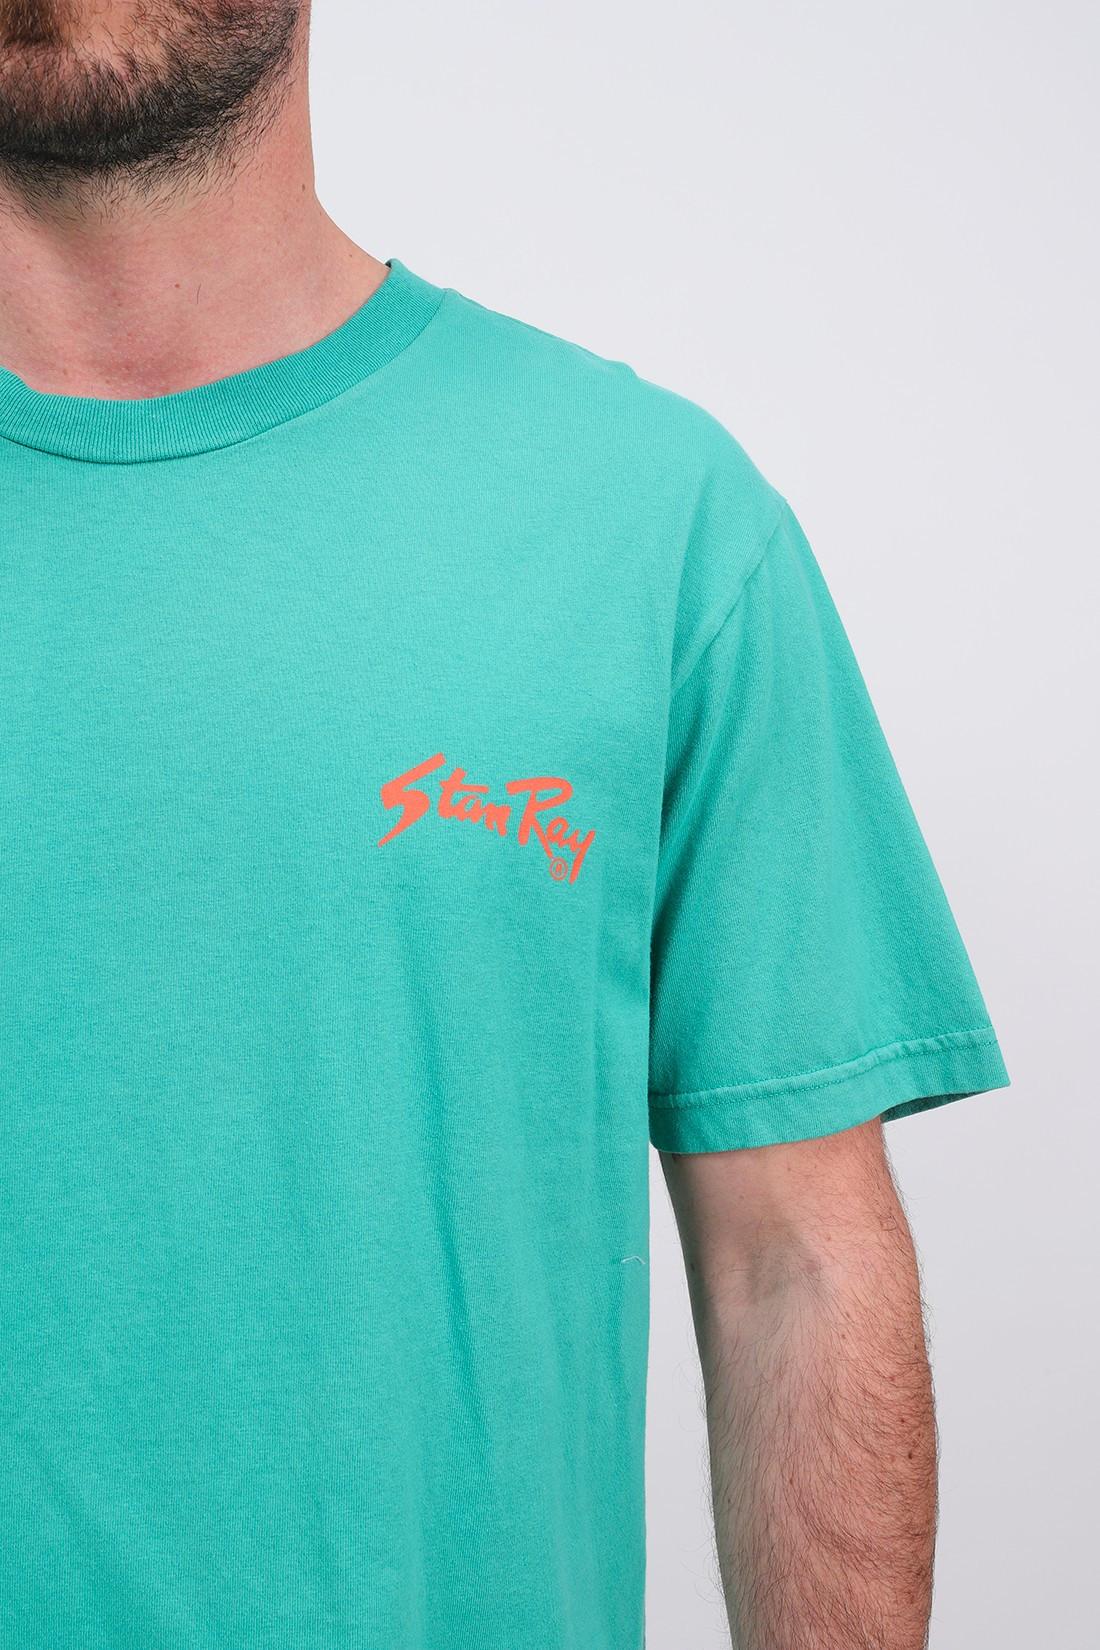 STAN RAY / Stan og ss tee Sea green